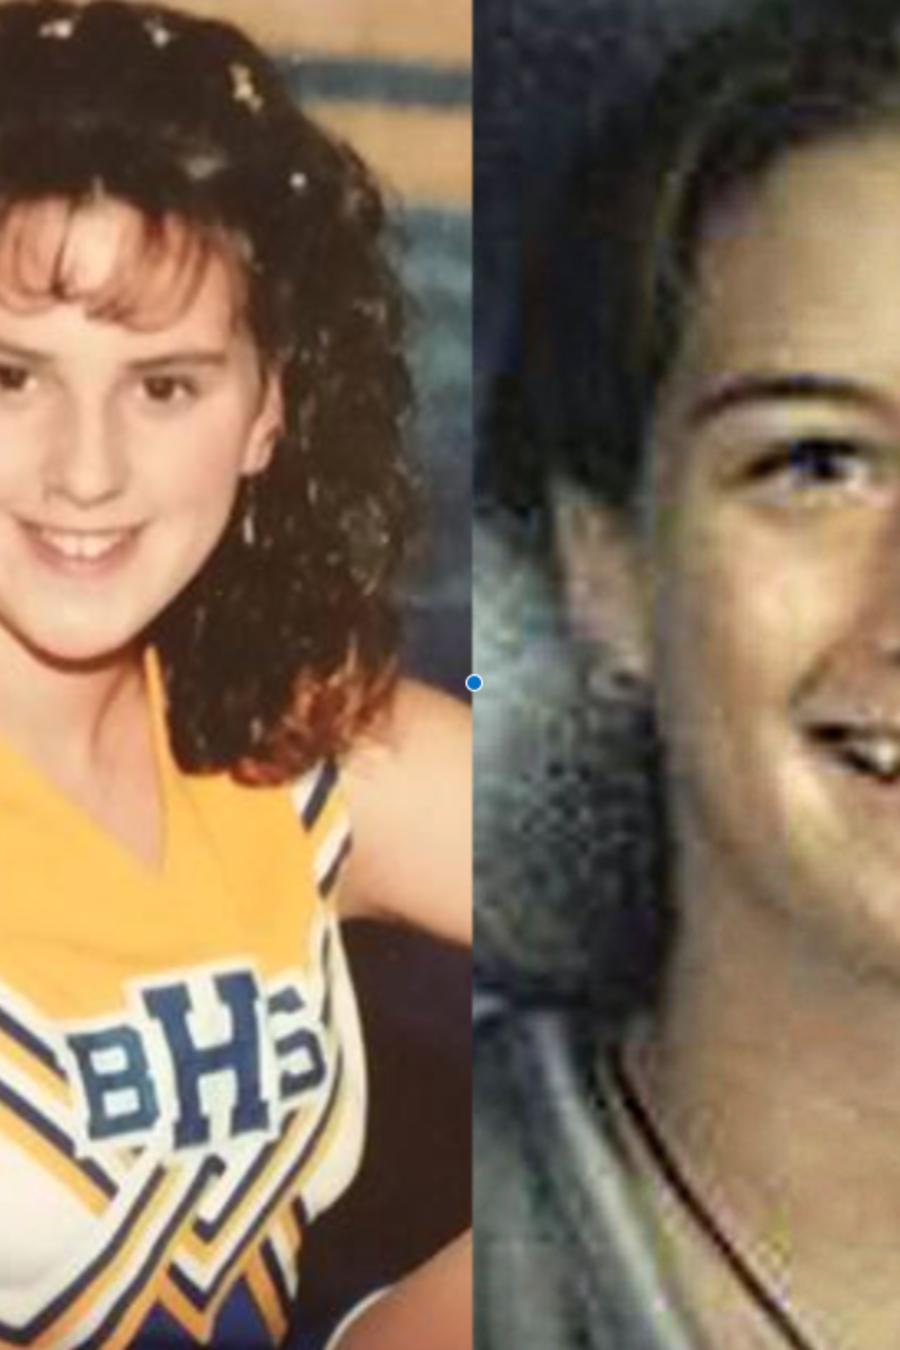 Laurie Bible (izquierda) y Ashley Freeman, en imágenes difundidas durante su búsqueda.